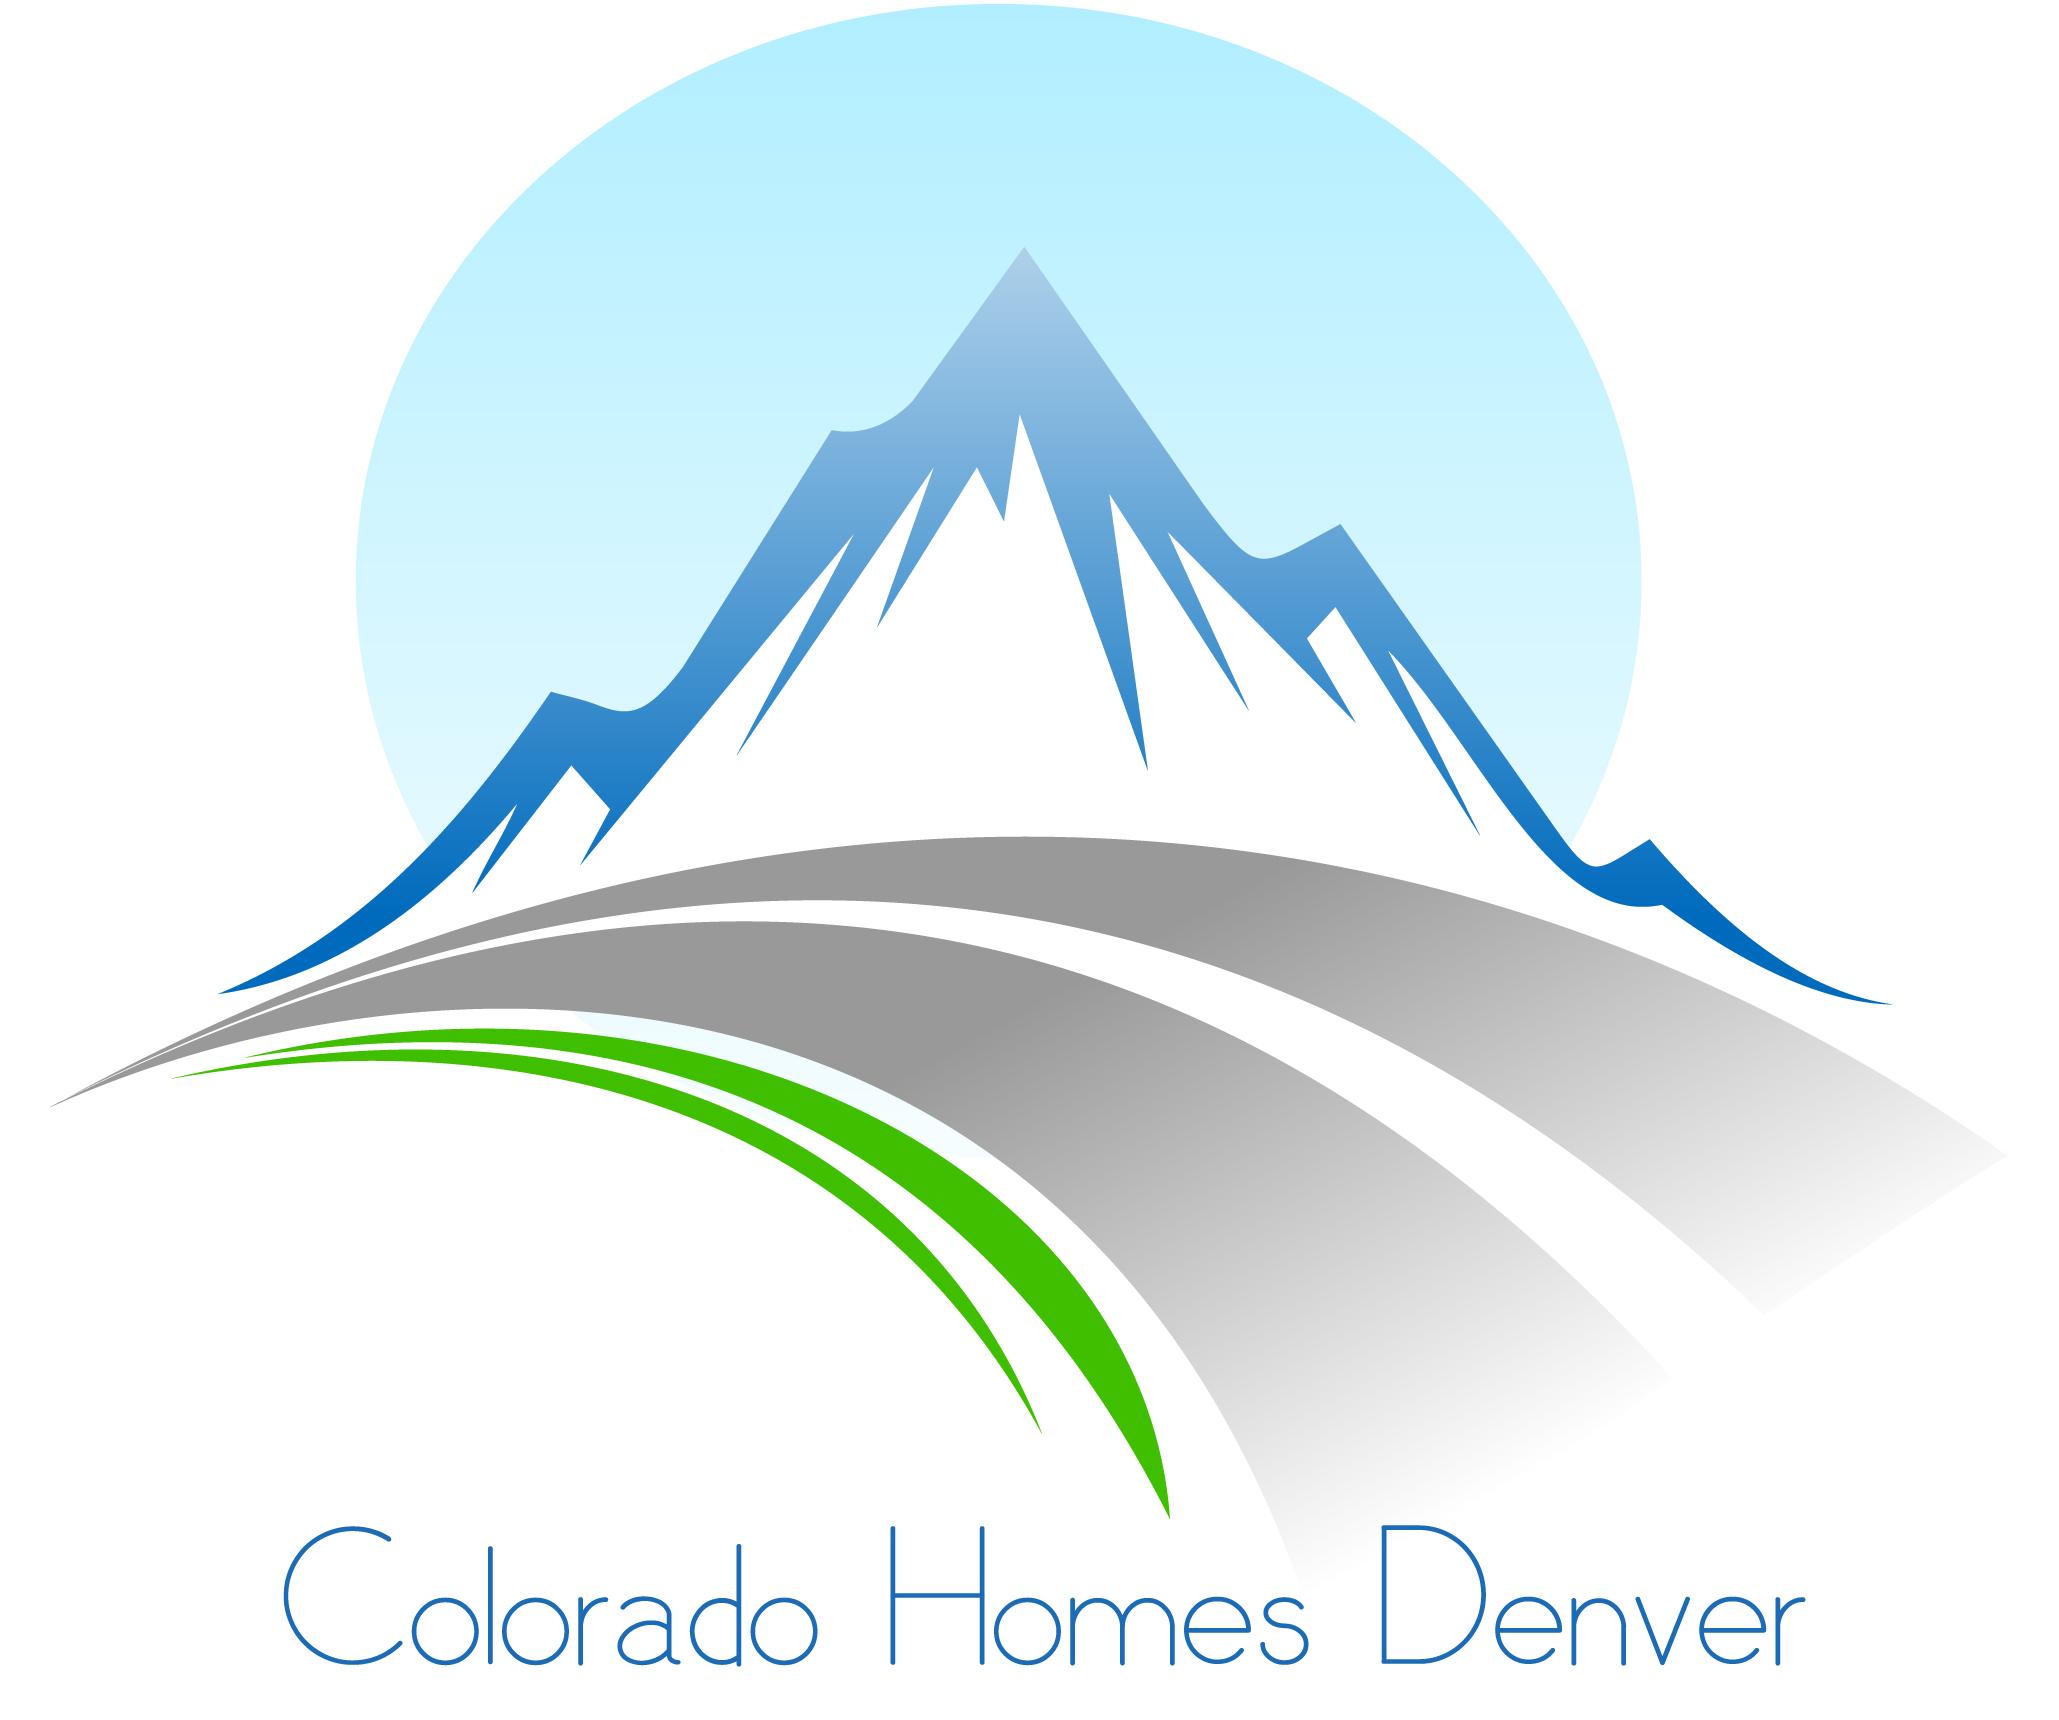 Colorado Homes Denver